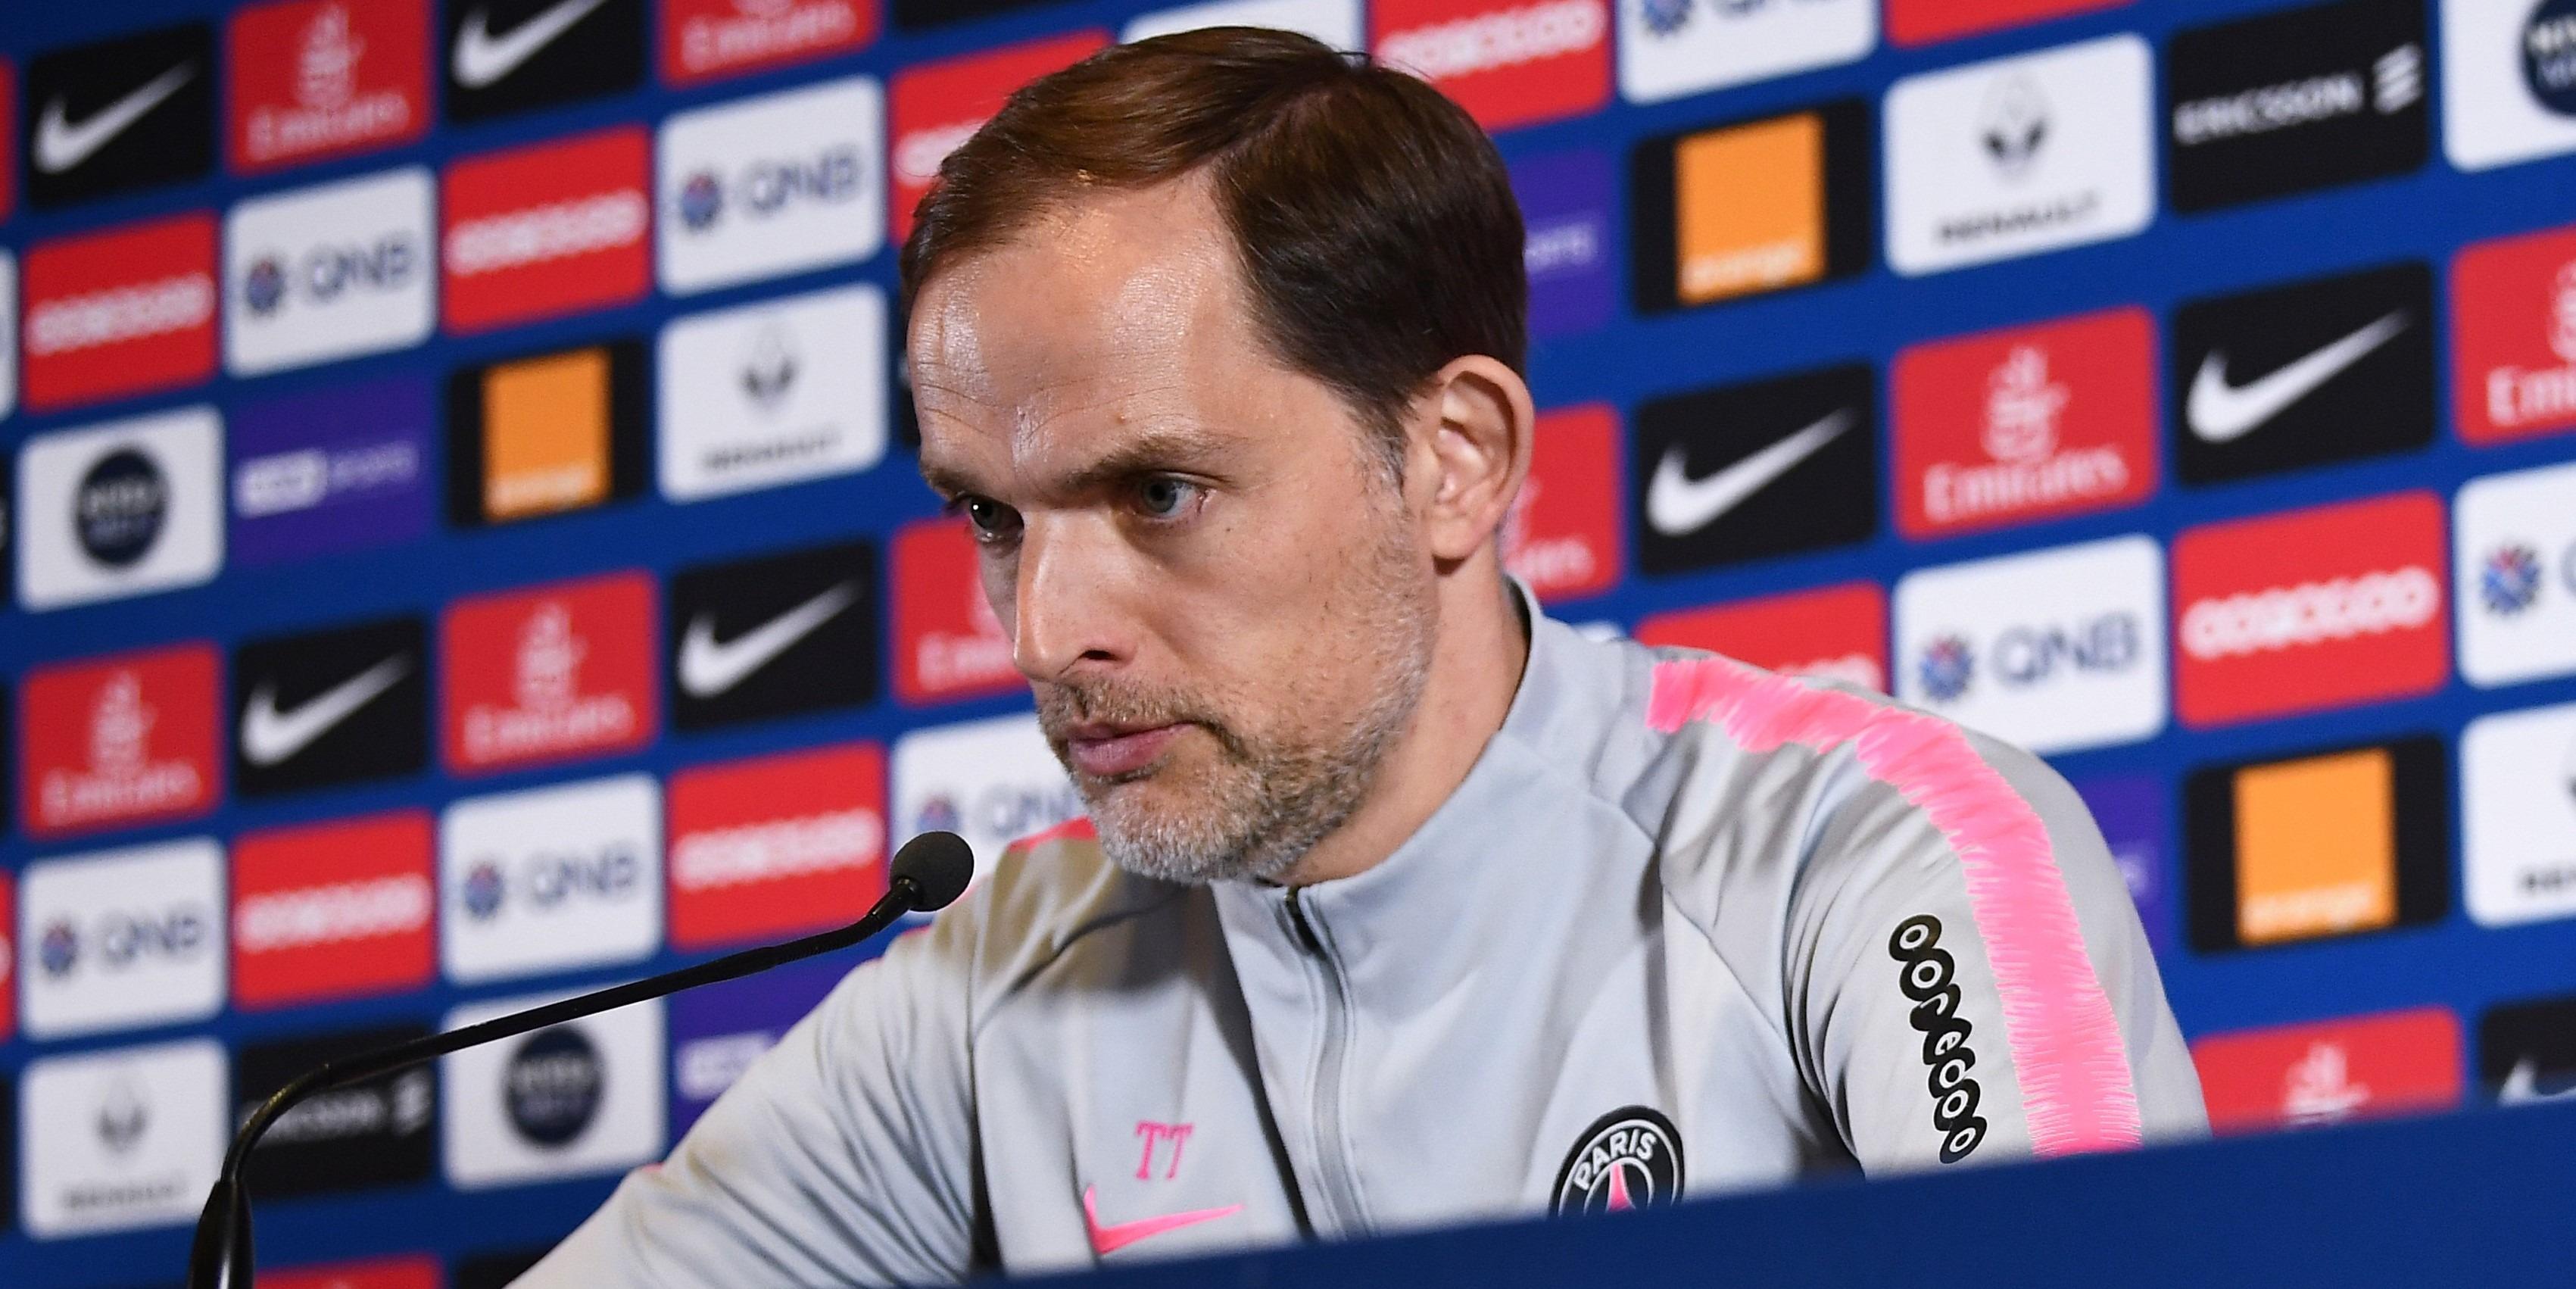 """PSG/Reims - Tuchel: """"Je suis déçu de notre performance, on a perdu à chaque minute en qualité, en mentalité"""""""